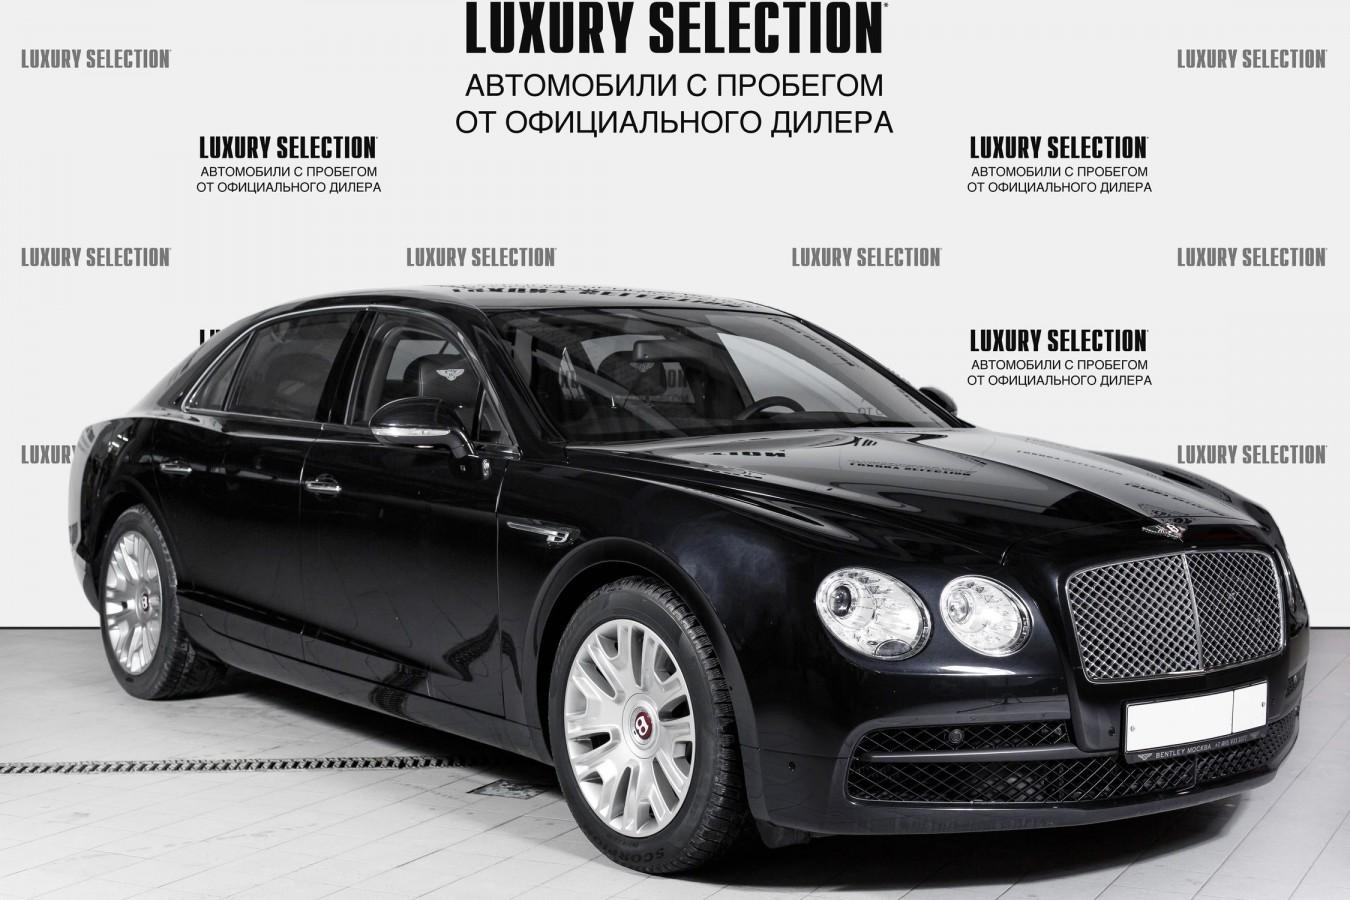 - изображение 42063-3 на Bentleymoscow.ru!